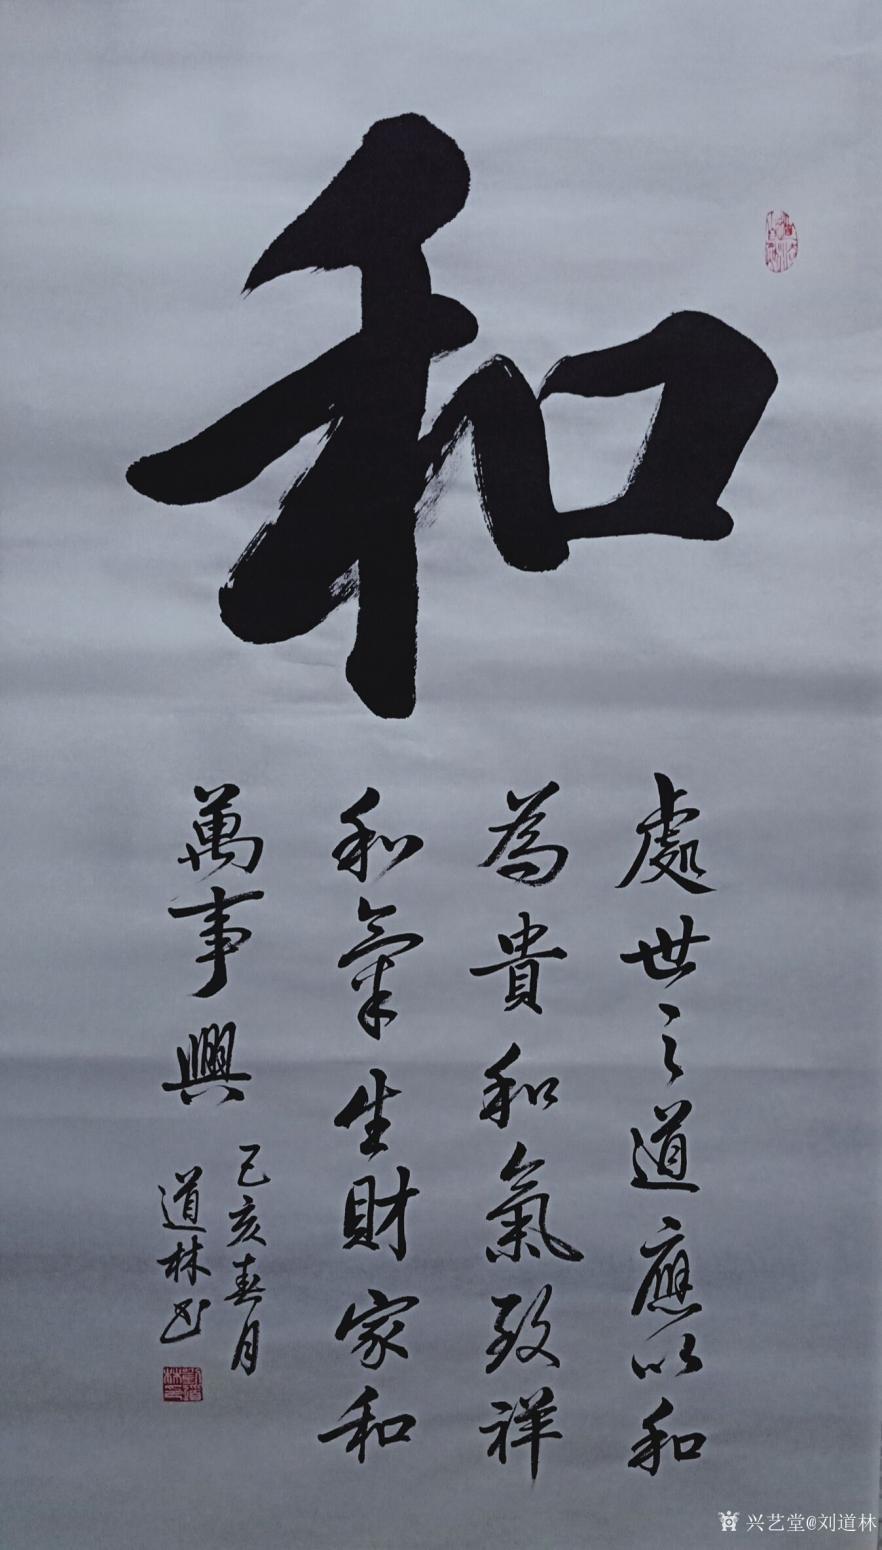 刘道林书法作品《和》【图0】